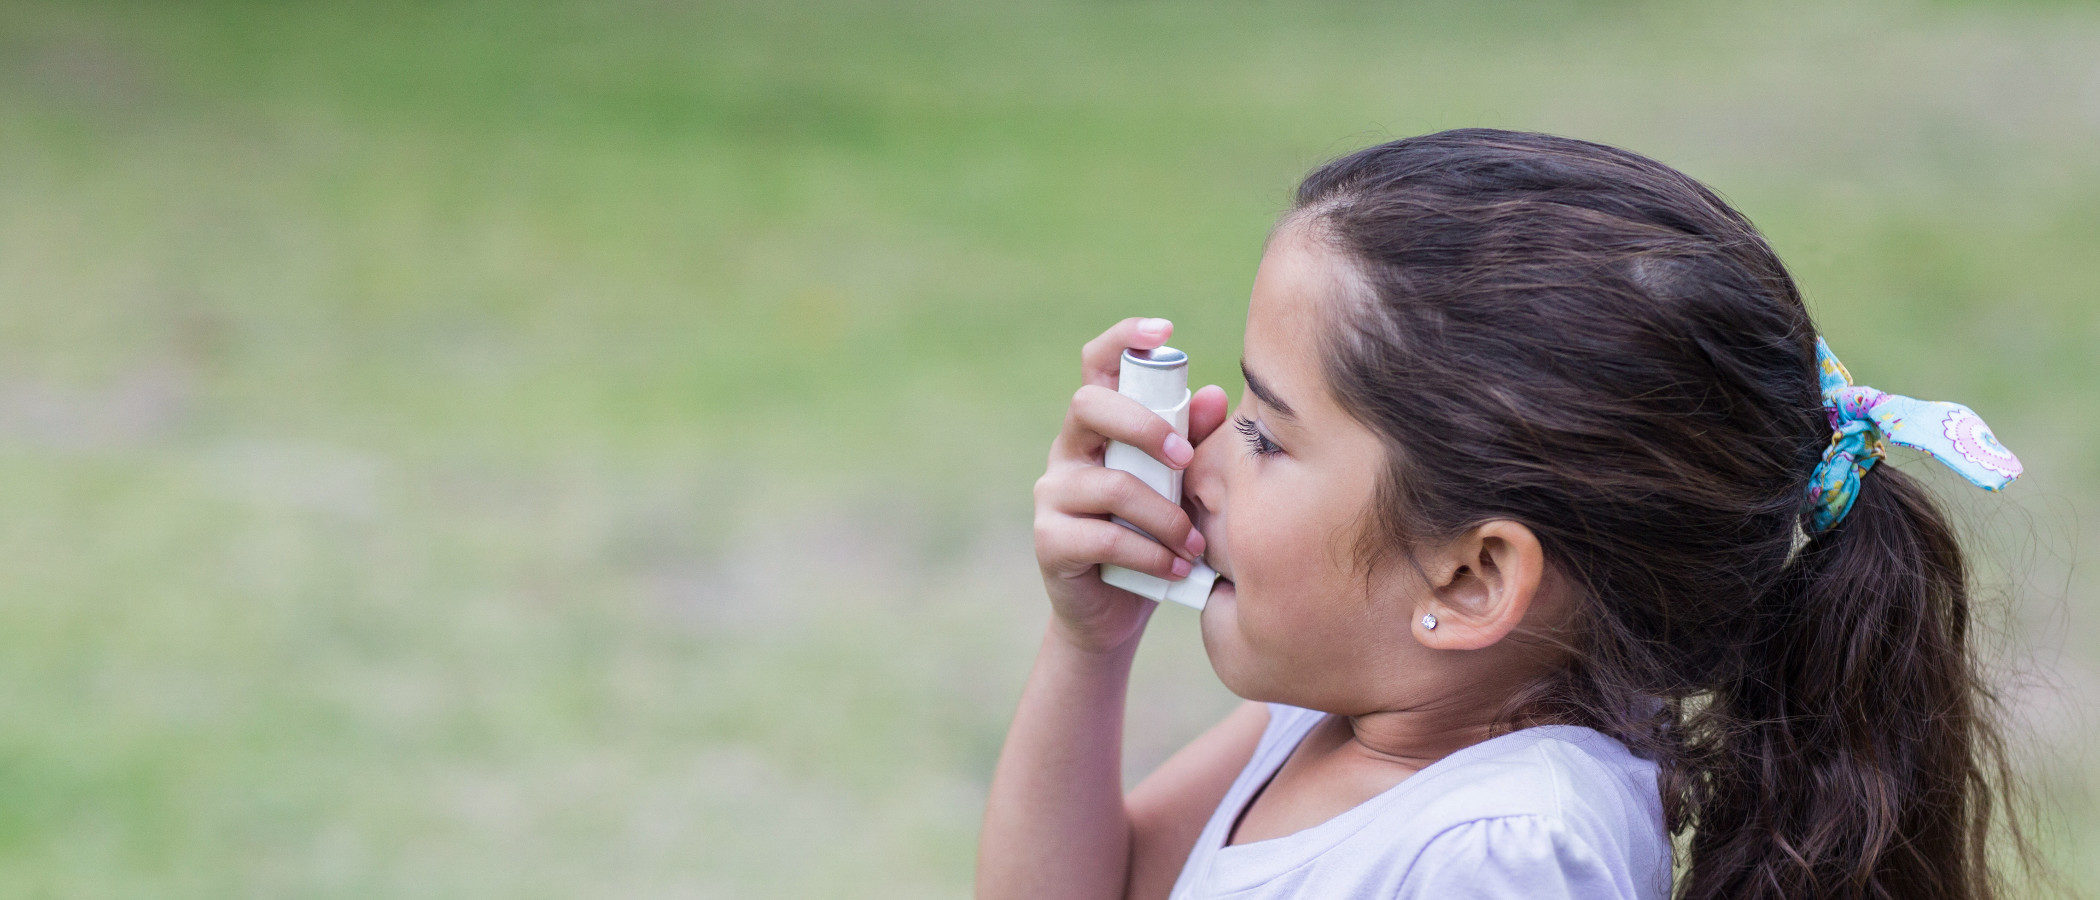 El asma en niños, síntomas y tratamientos